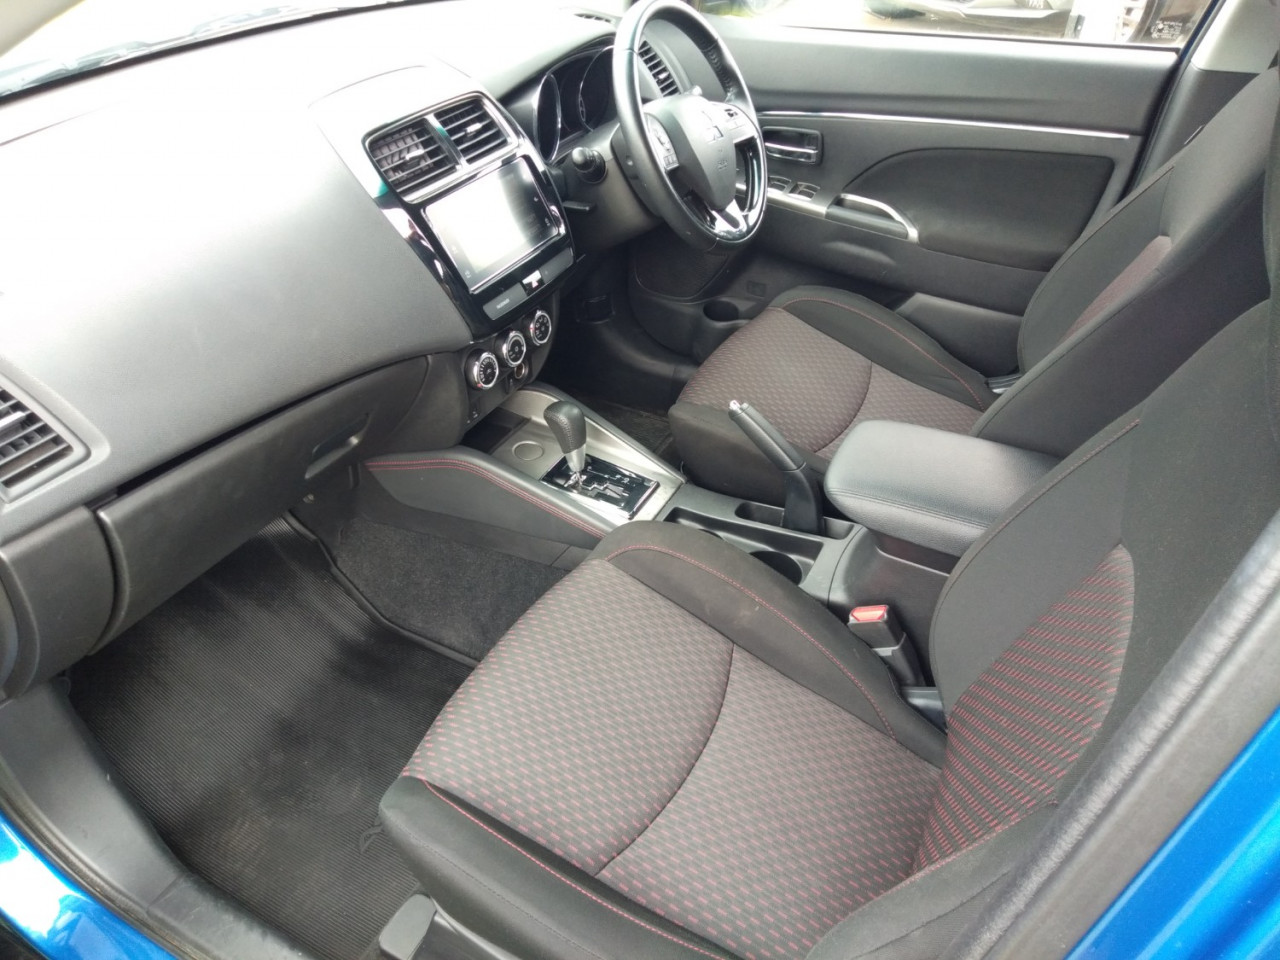 2017 MY18 Mitsubishi ASX XC MY18 LS Suv Image 10